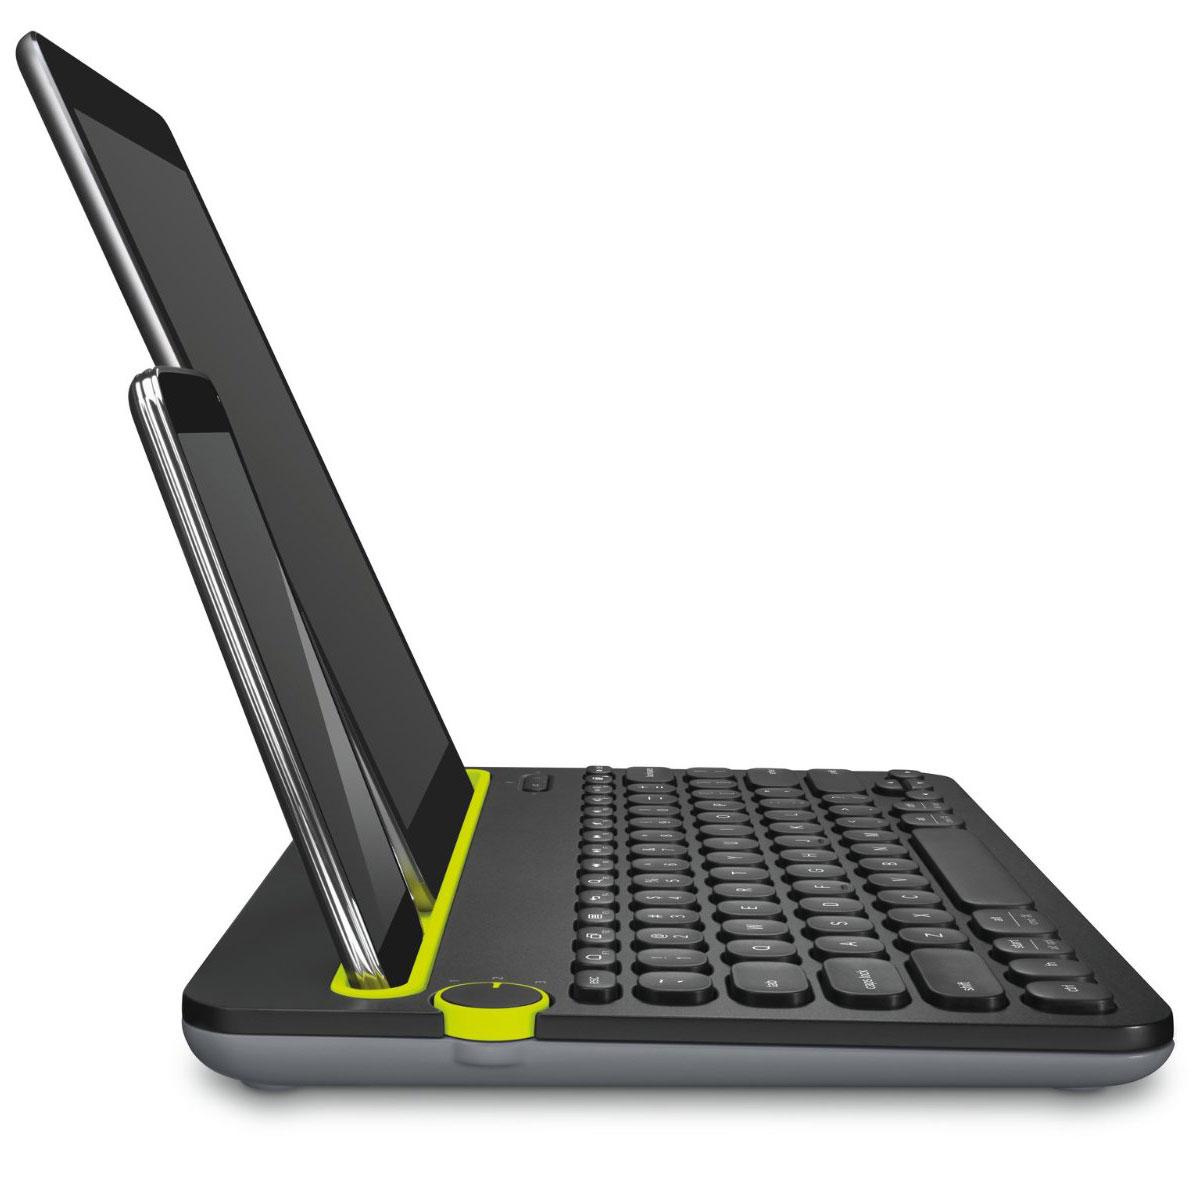 Clavier sans fil Logitech Wireless K400 Plus avec pavé tactile intégré (AZERTY Français), informatique ile de la réunion 974